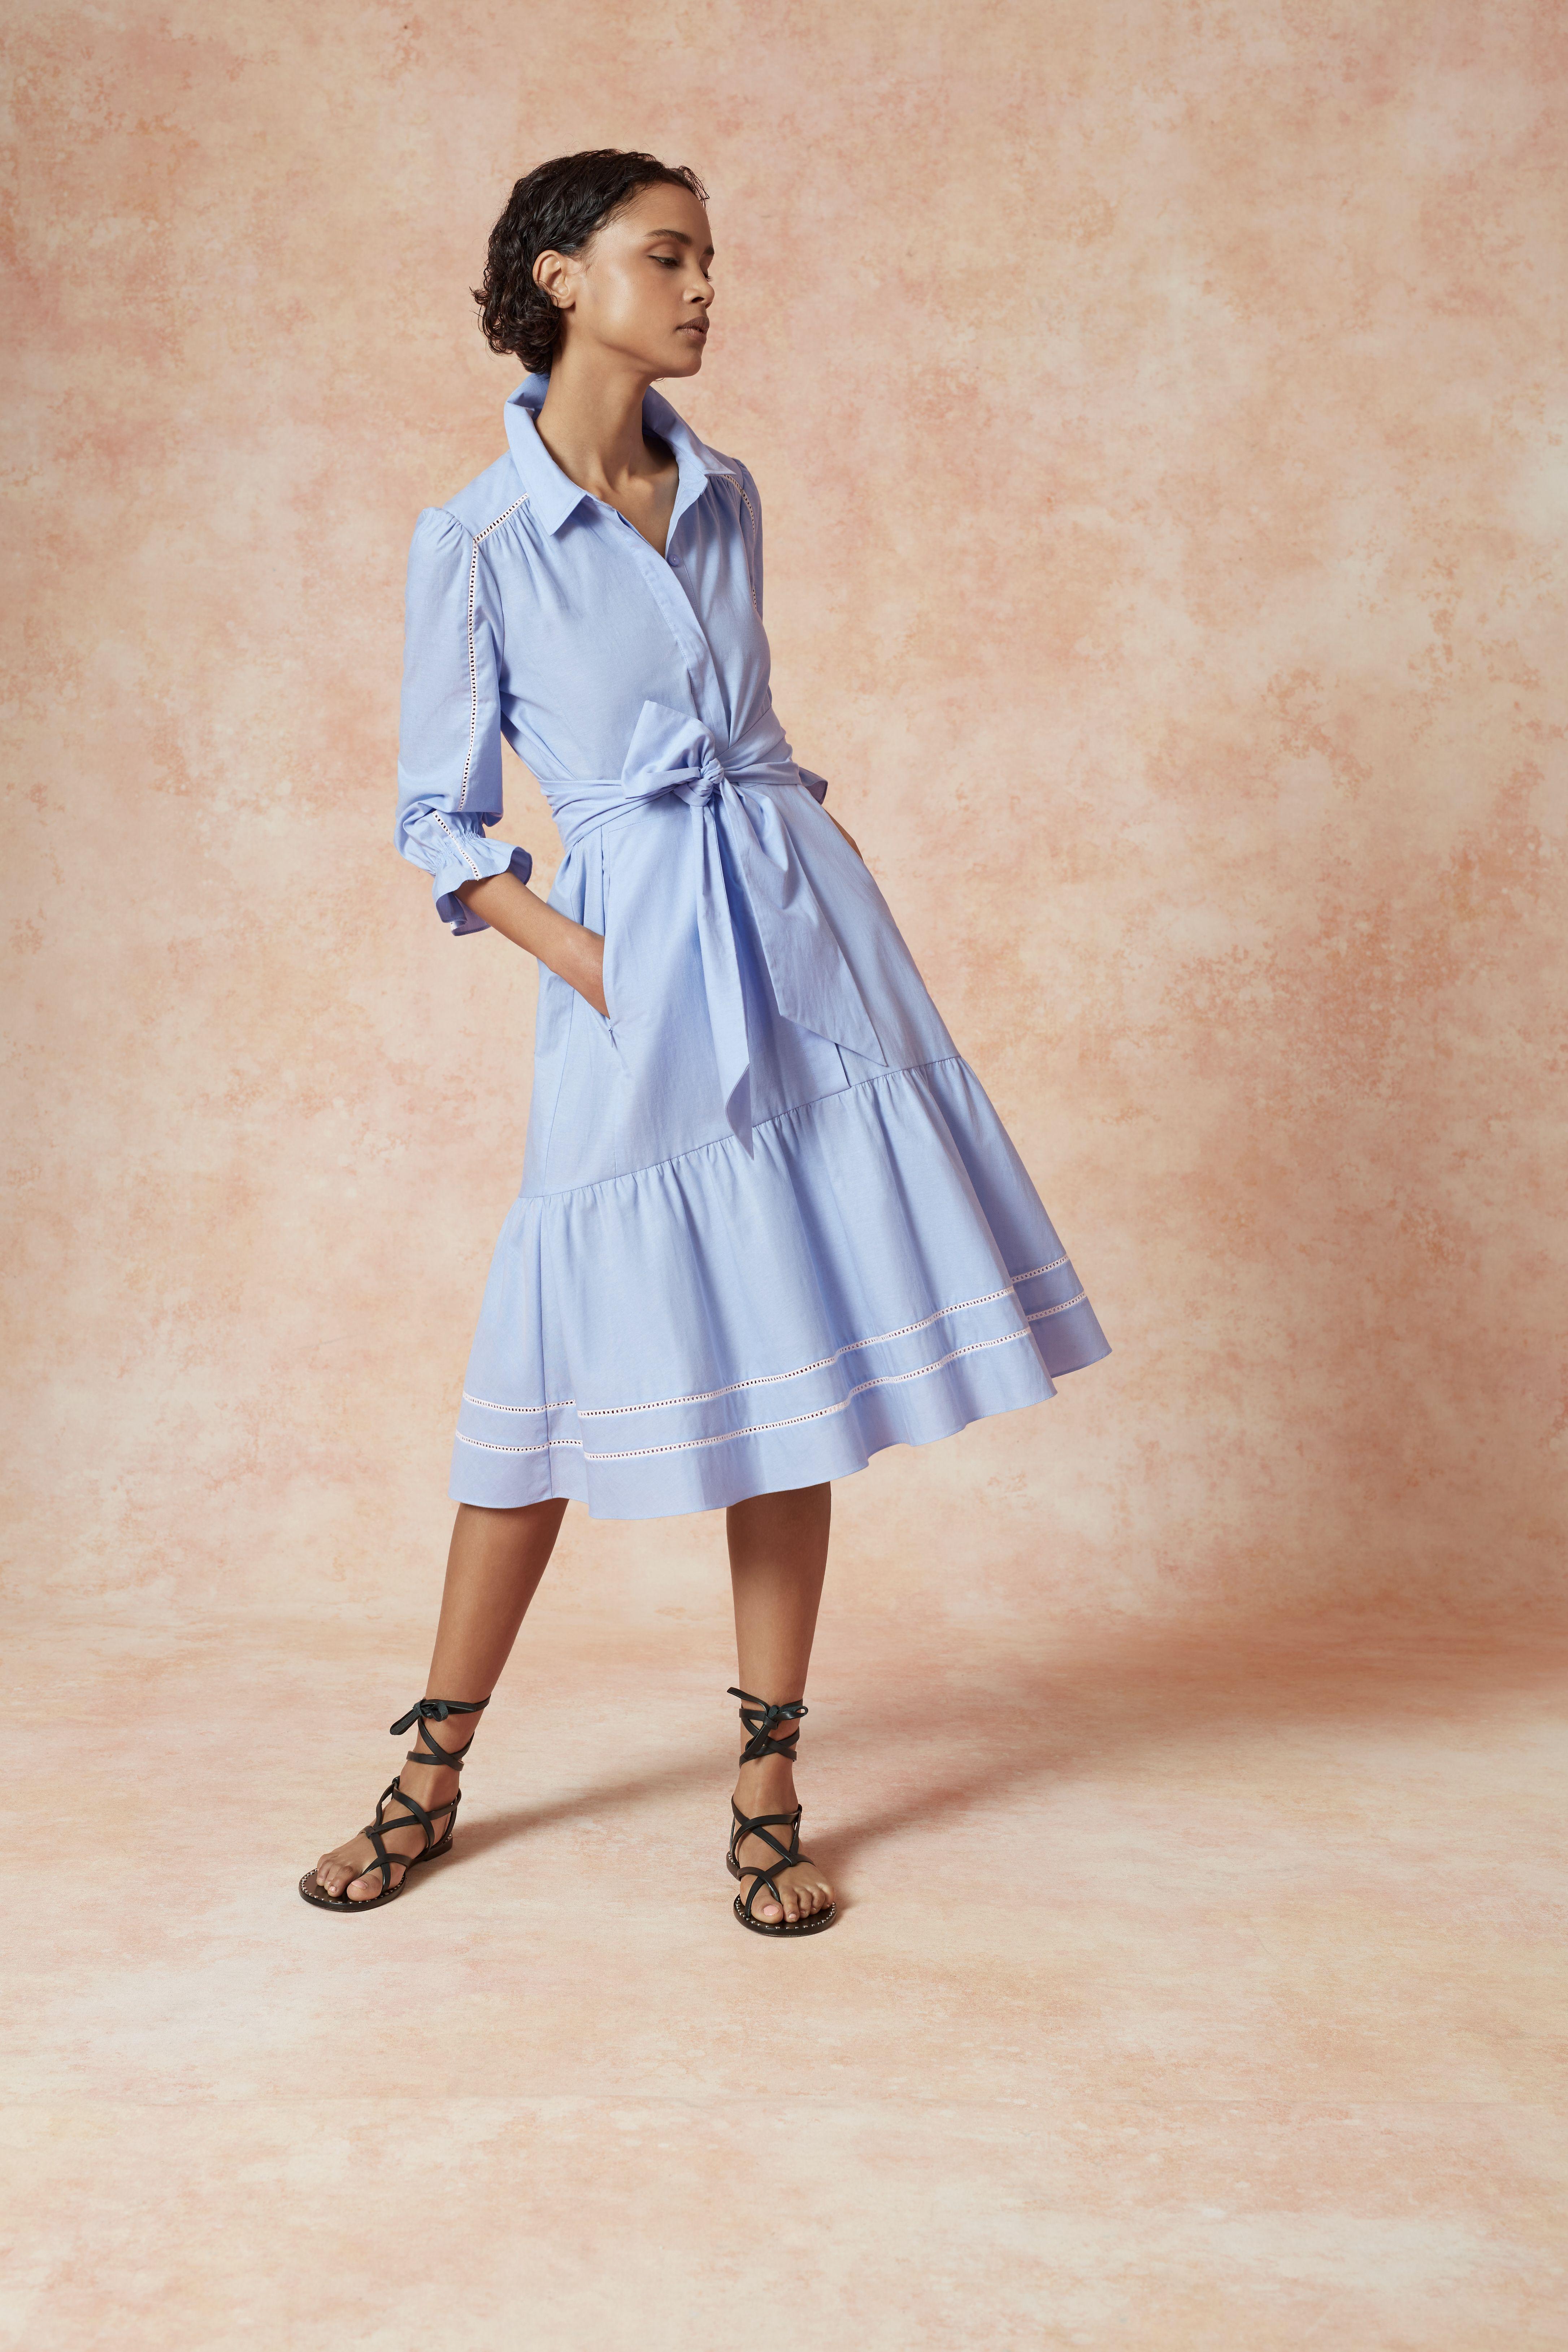 Chambray Cotton Shirt Dress Cotton Dress Summer Shirt Dress Dresses [ 6515 x 4343 Pixel ]